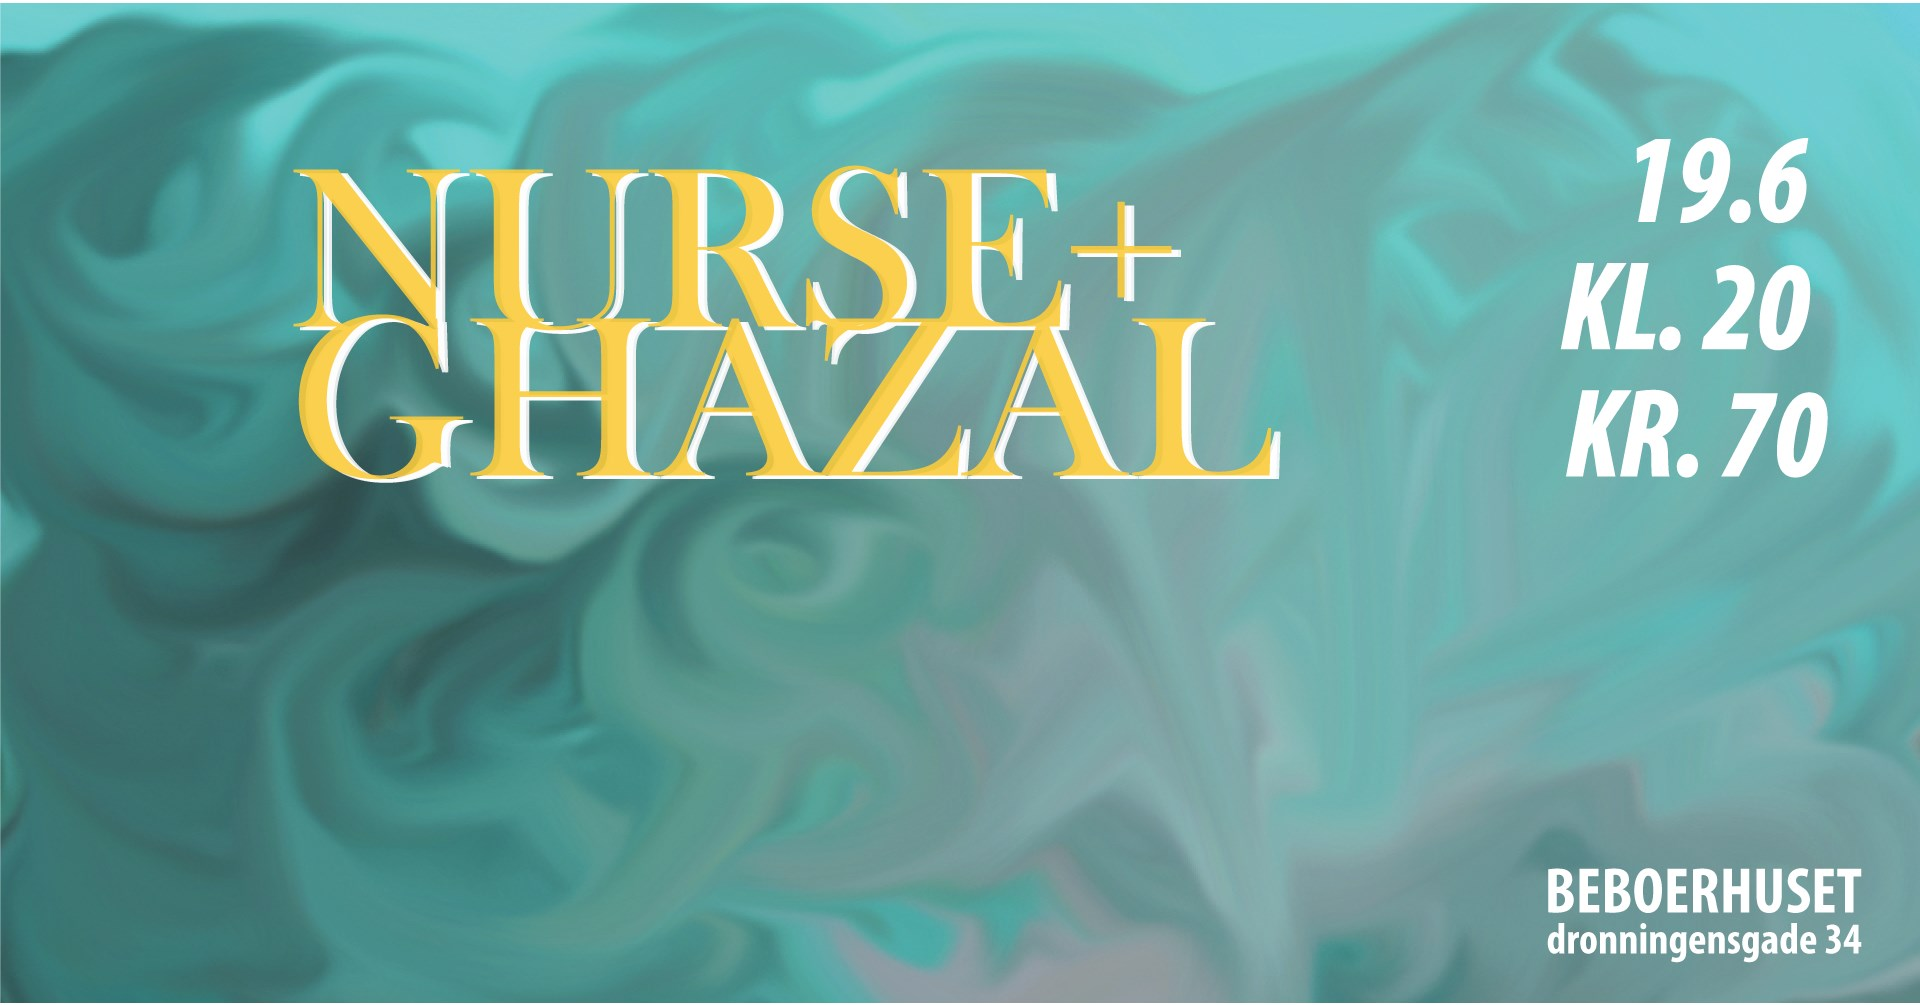 Nurse // Ghazal